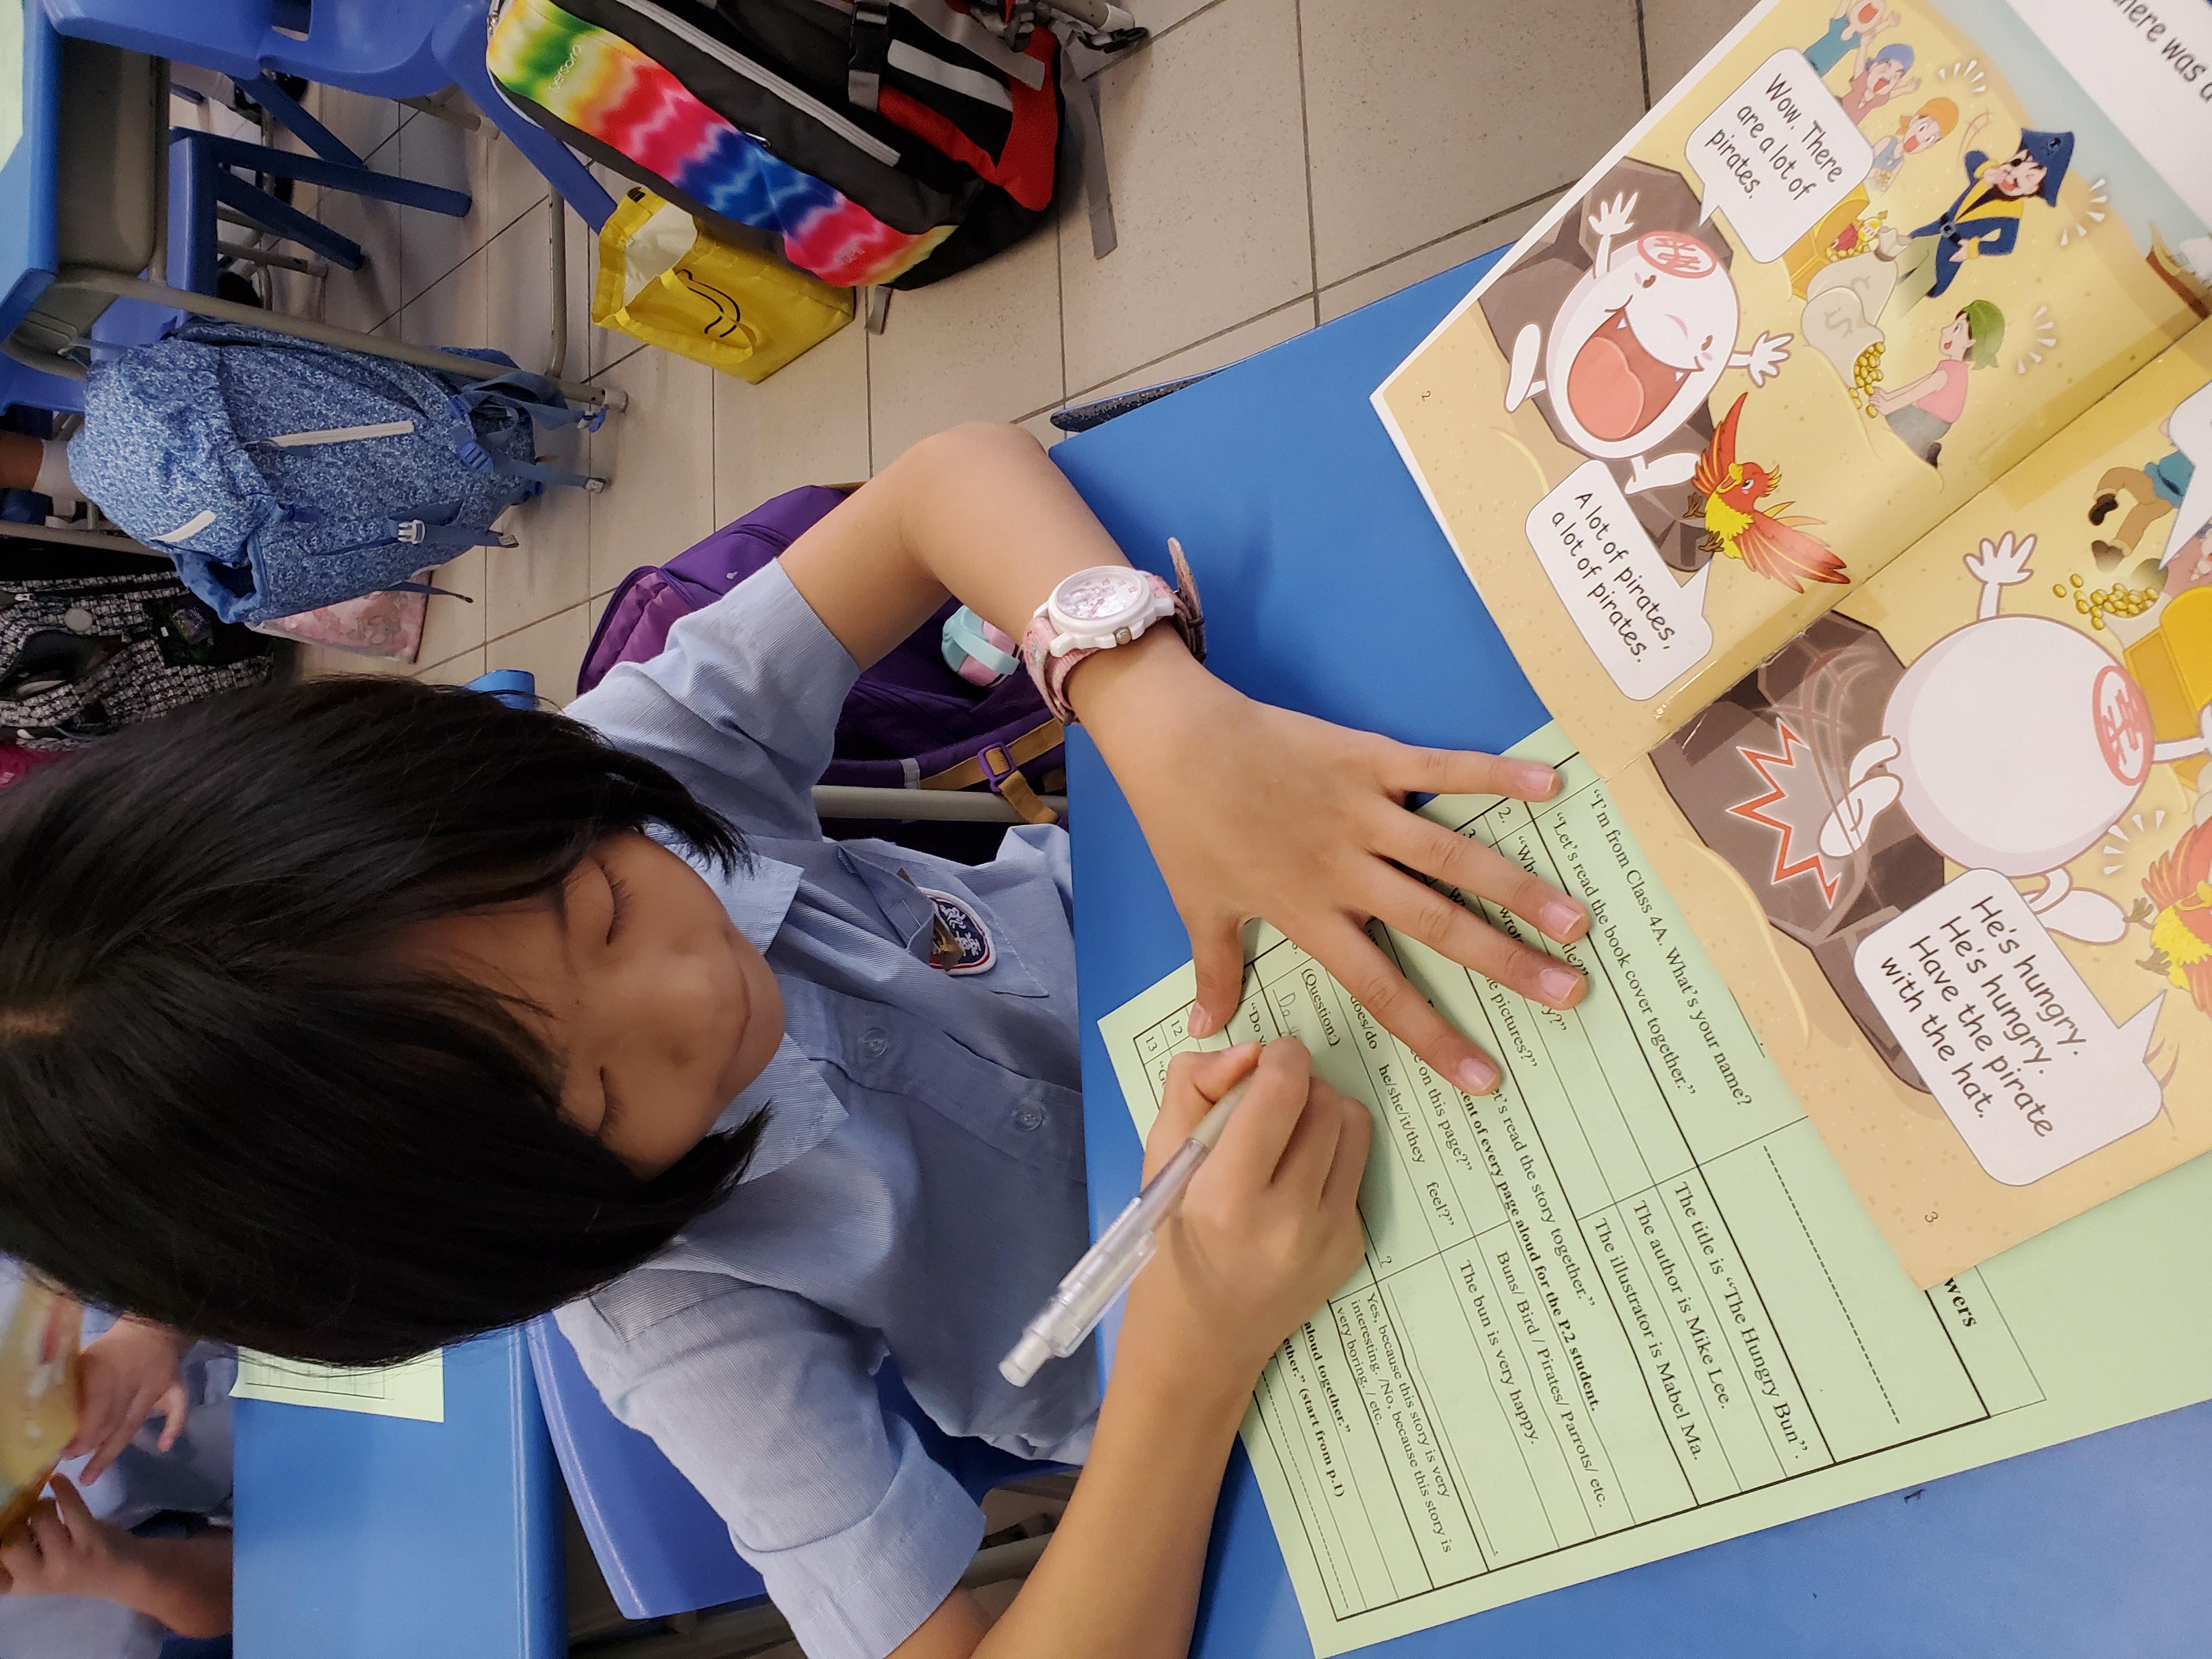 http://www.keiwan.edu.hk/sites/default/files/5_2.jpg